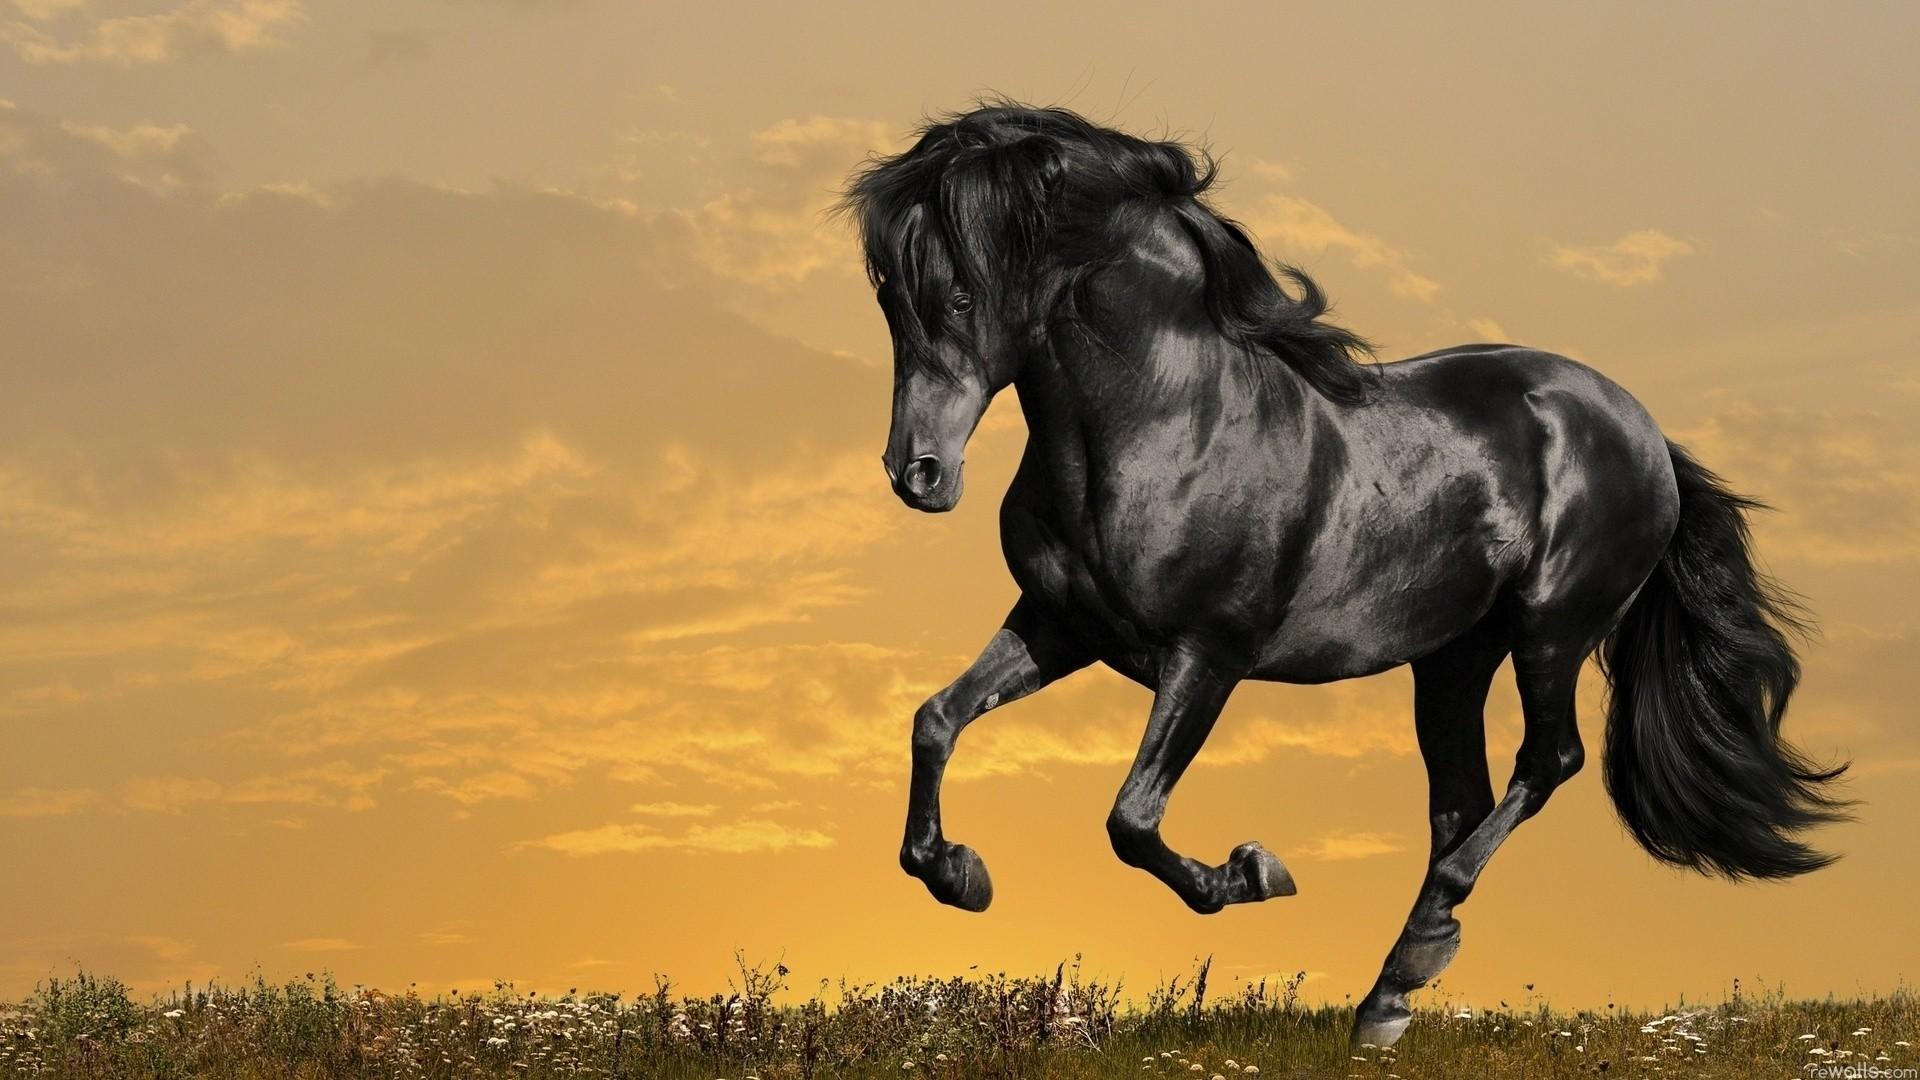 2689x1441 Wild Horses Wallpaper